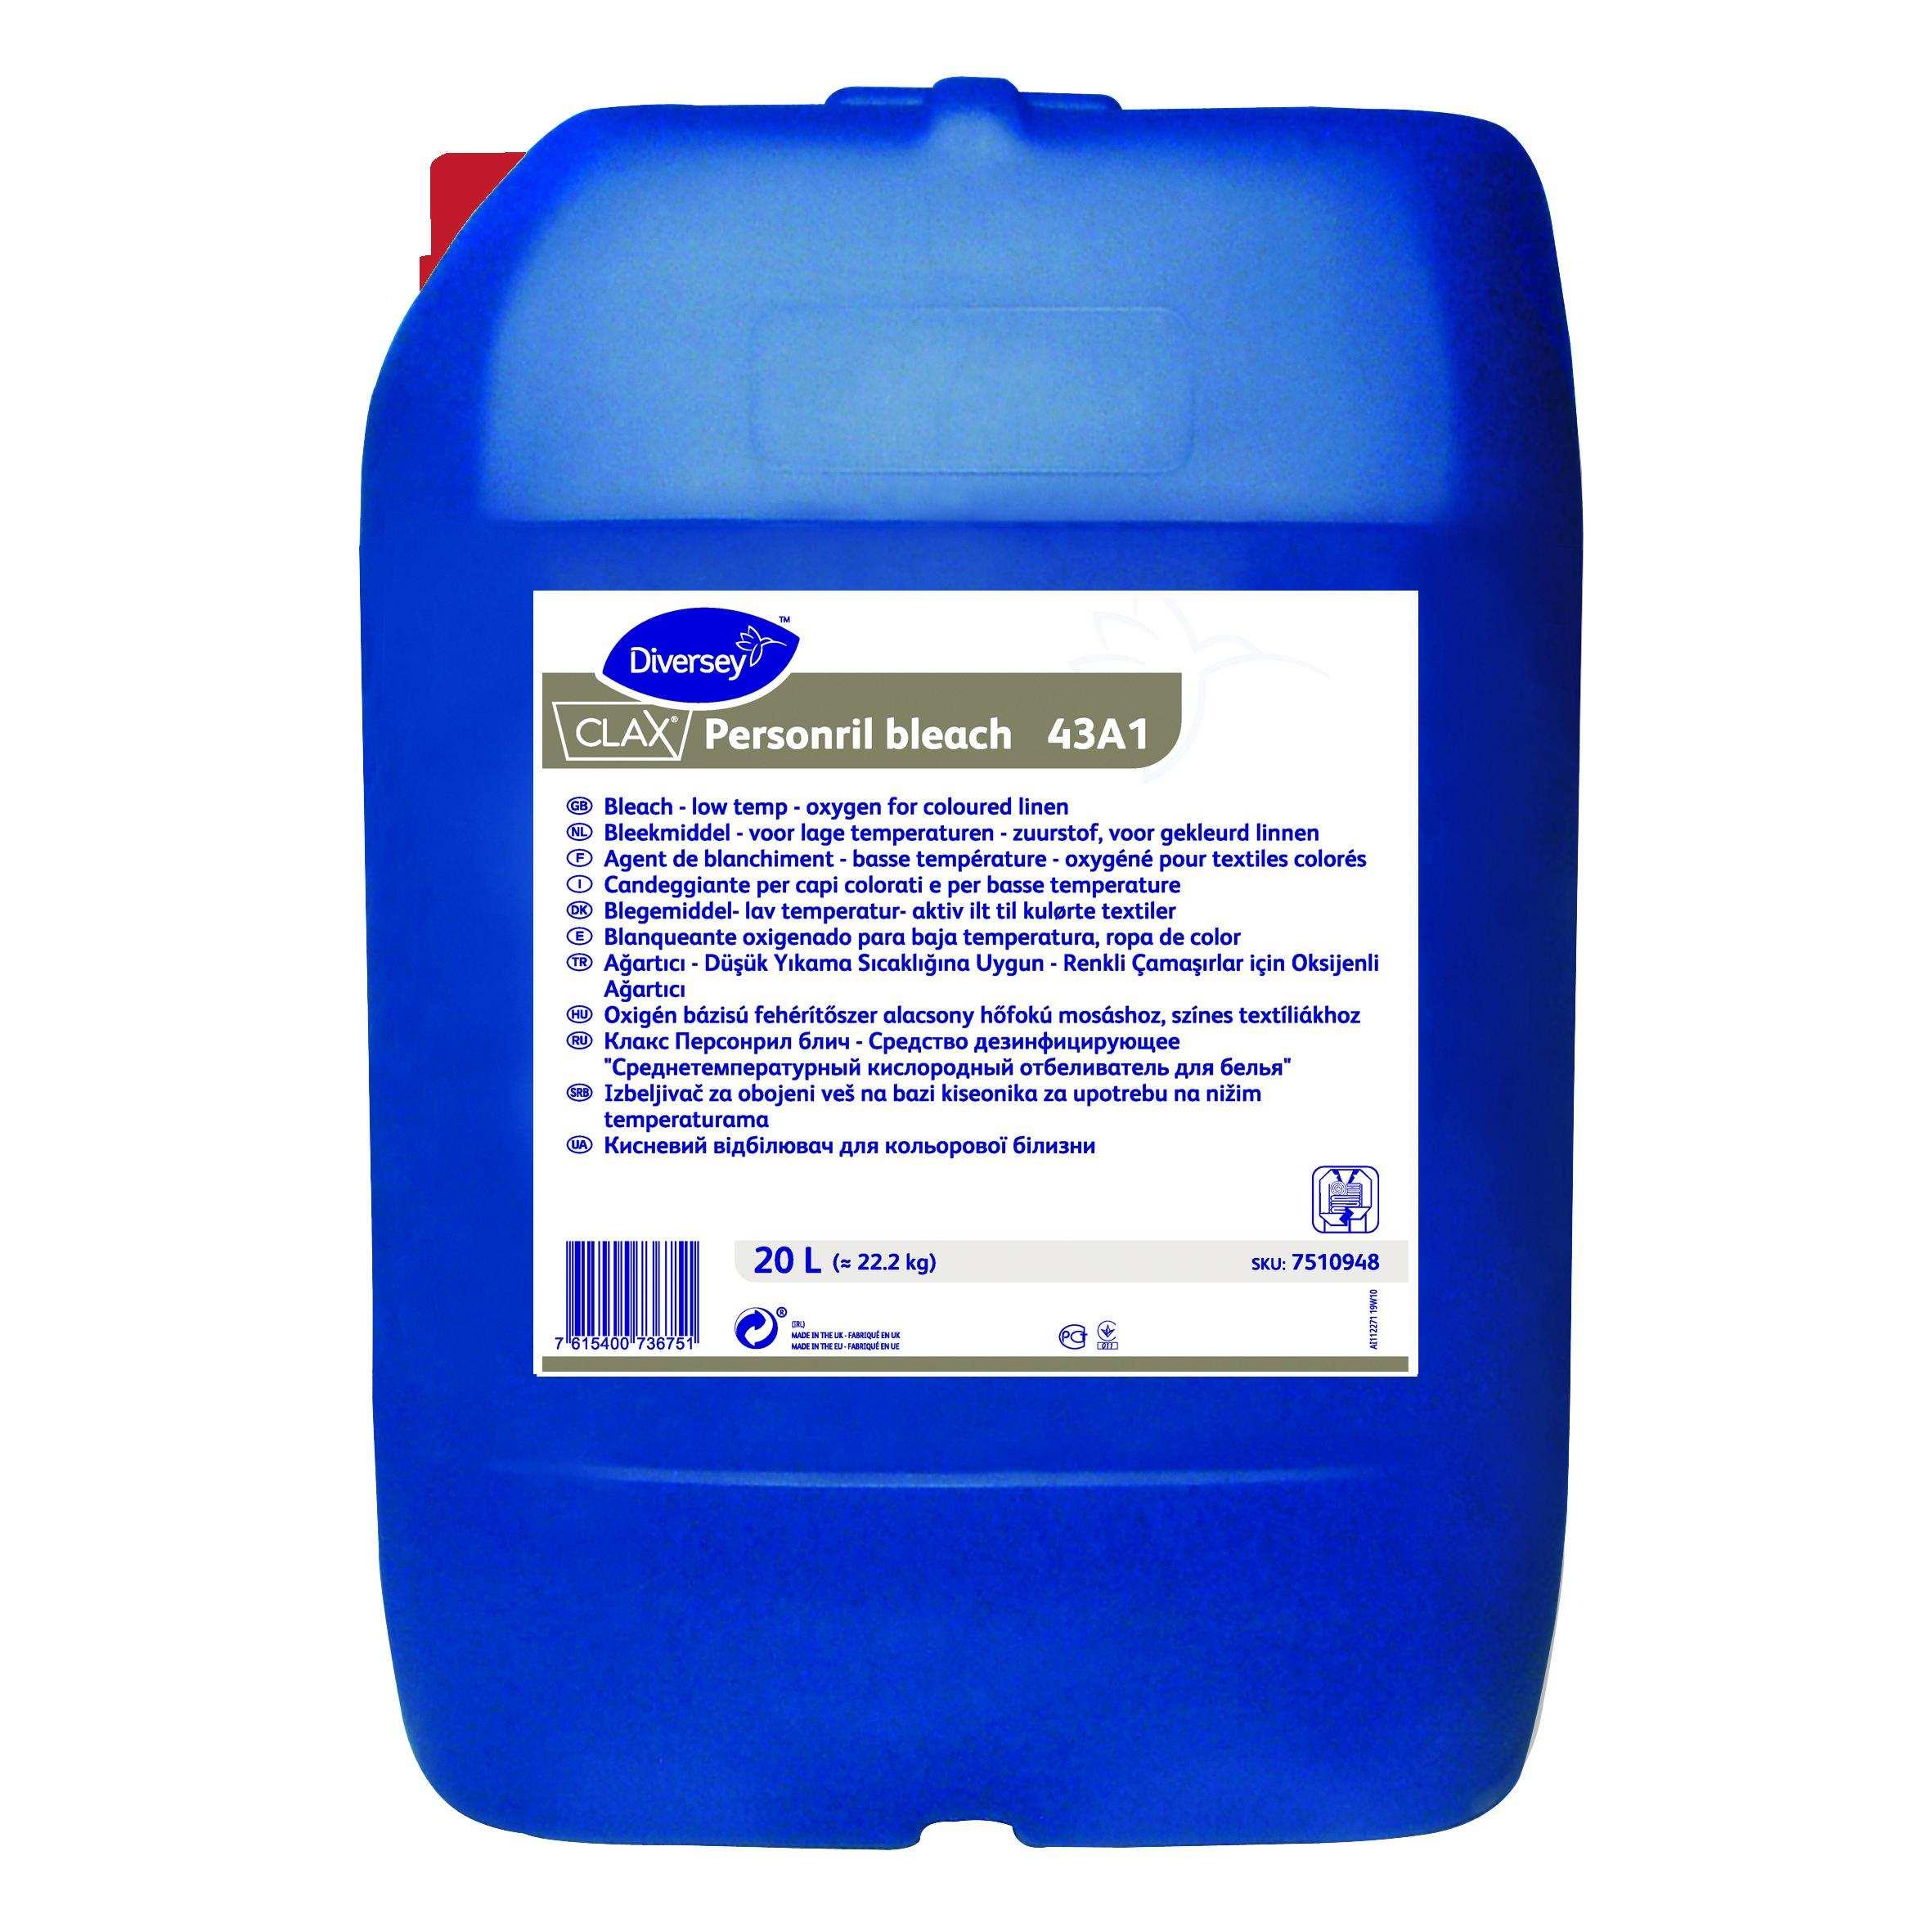 7510948-Clax-Personril-bleach-43A1-CMYK-20x20cm.jpg